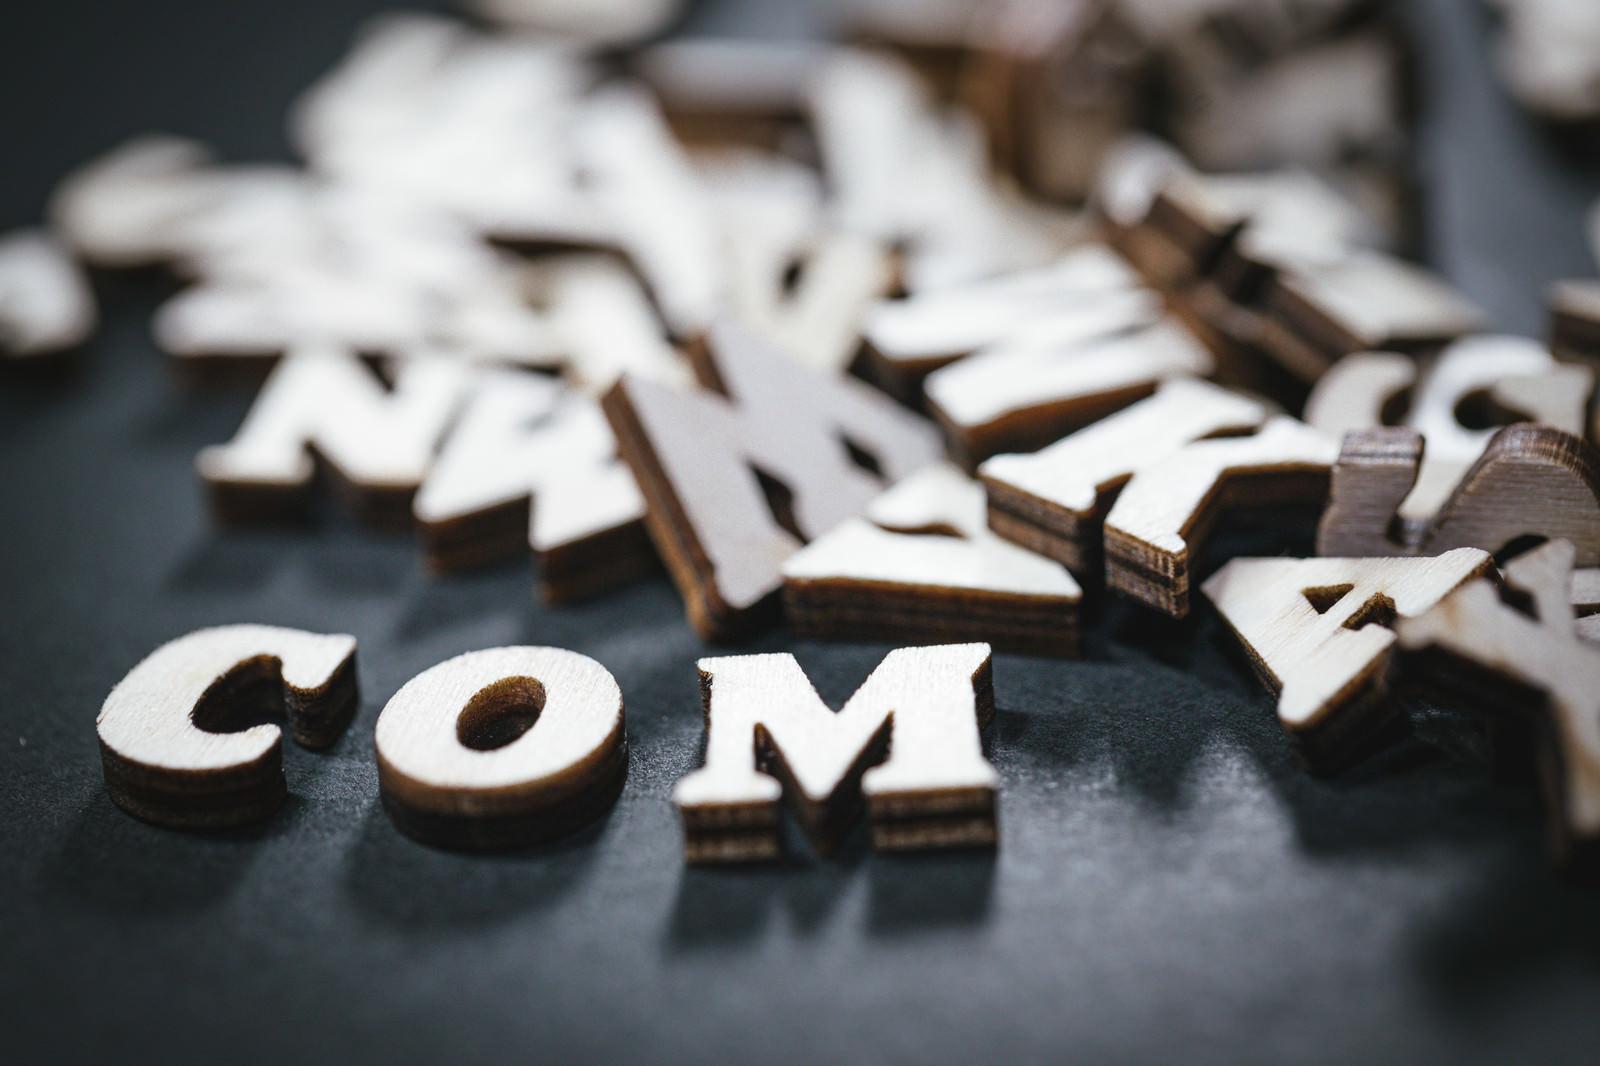 「散らばったアルファベットと.comドメイン」の写真